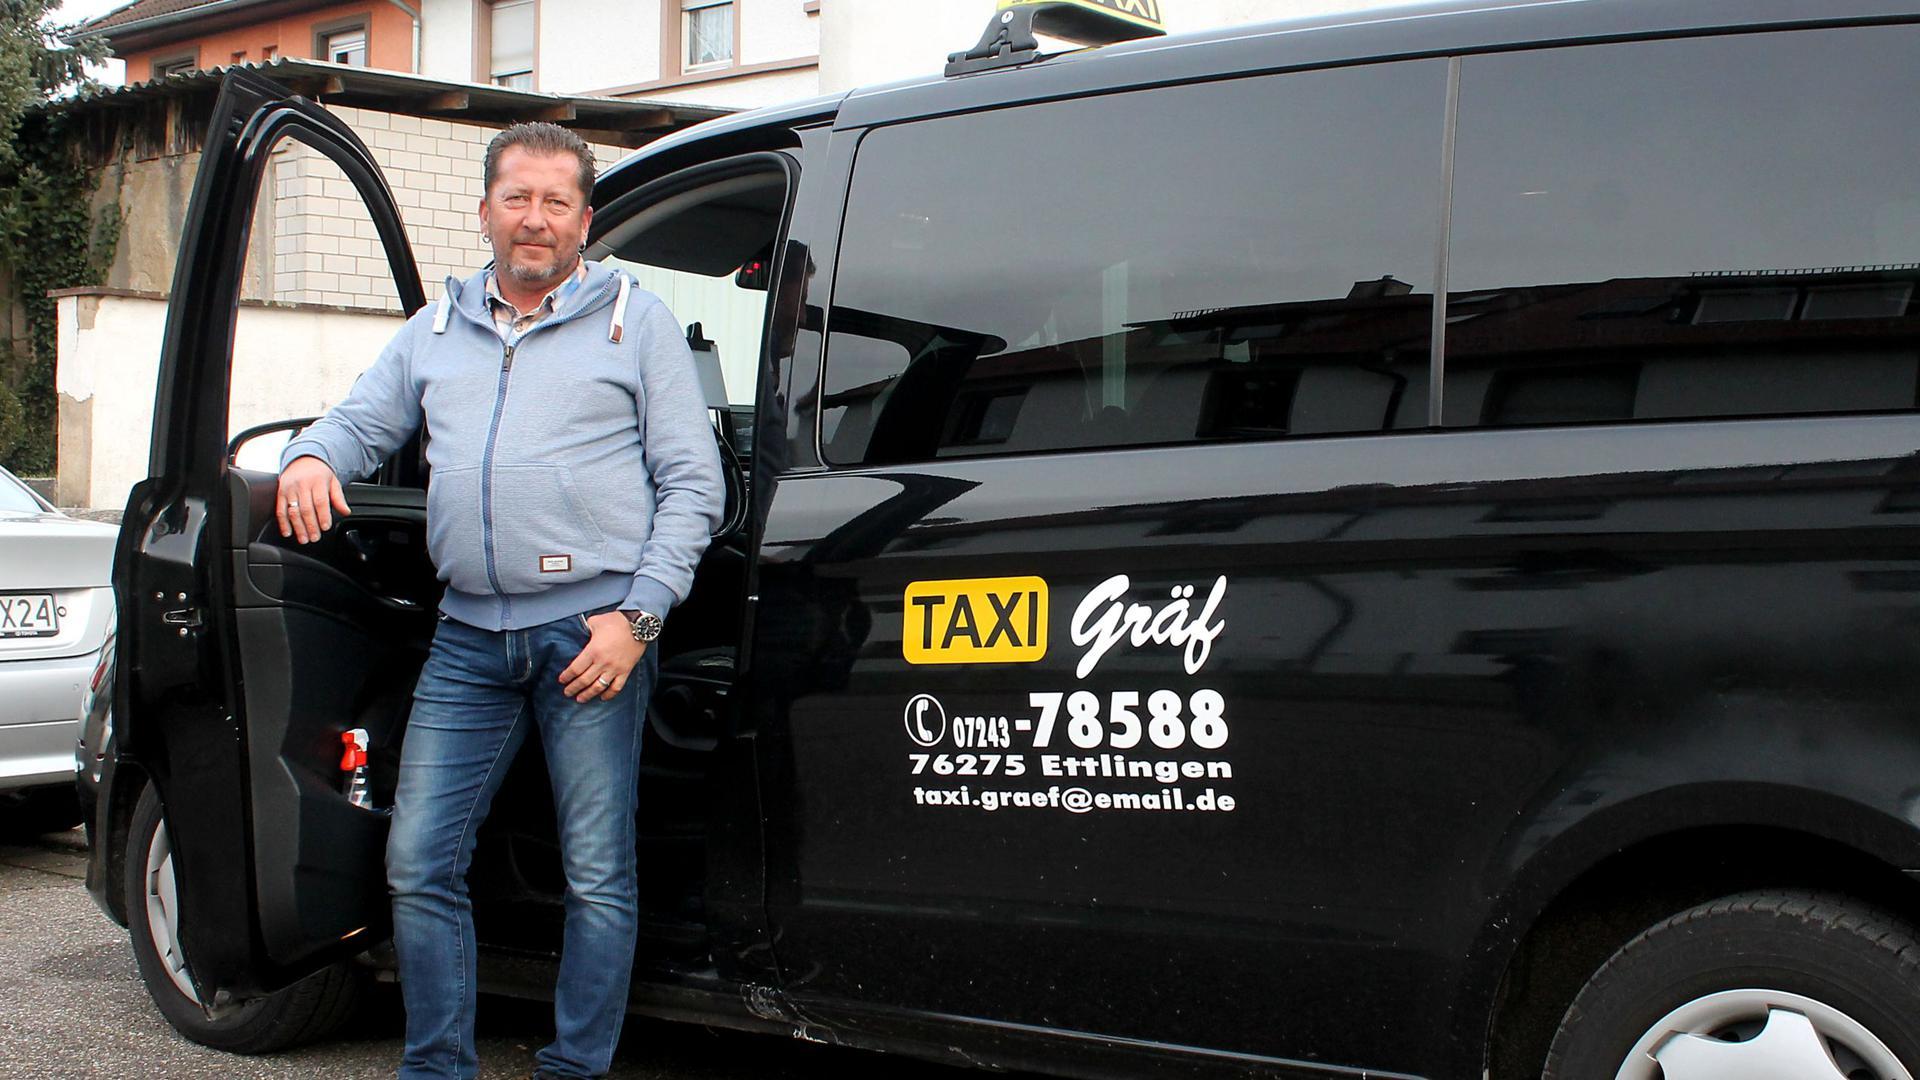 Taxi Gräf und Fahrer